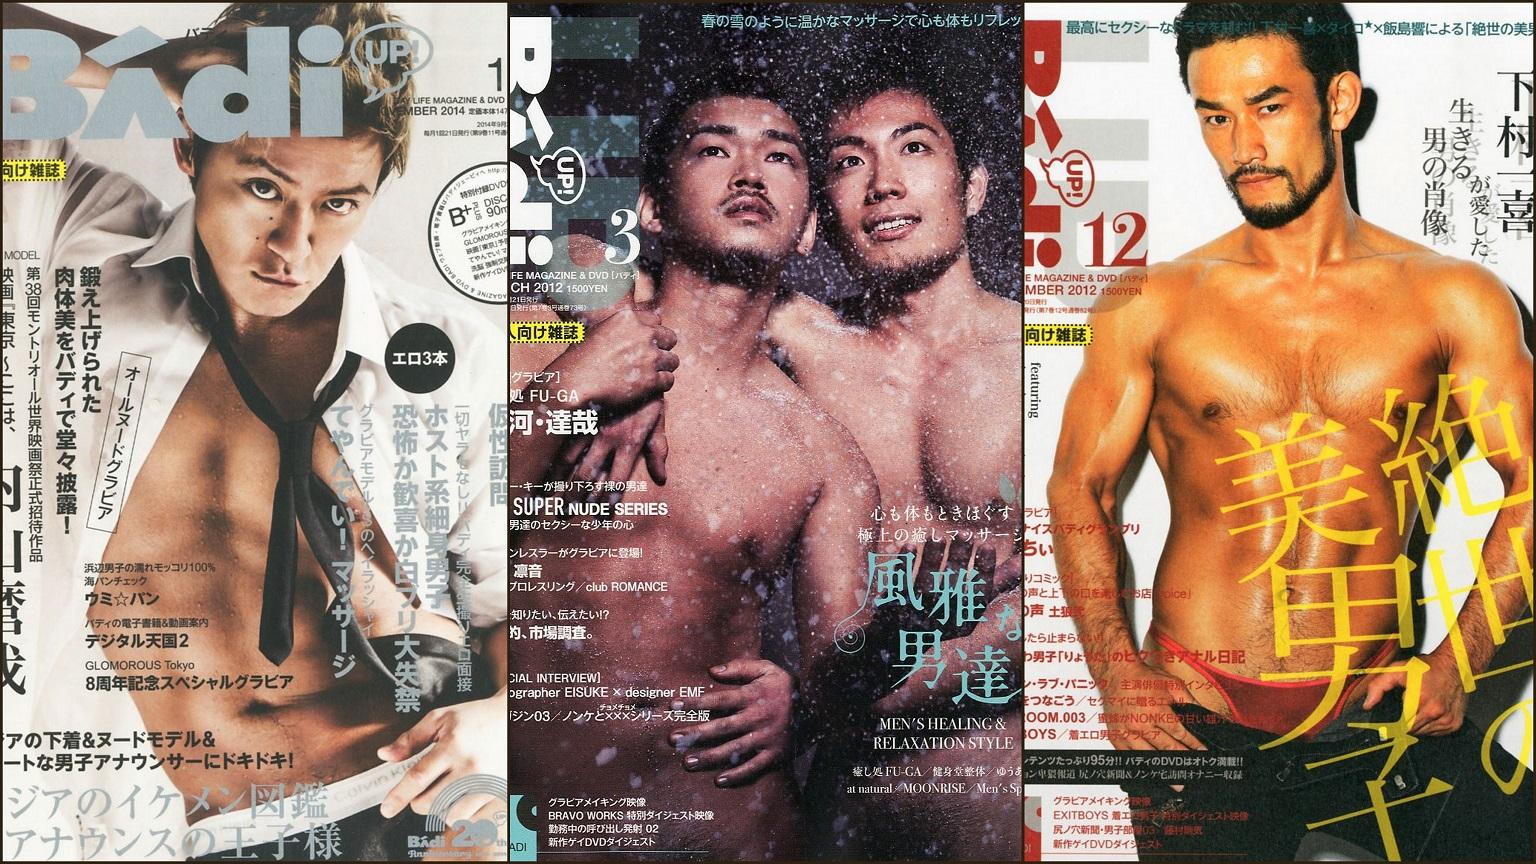 有百合,也有薔薇朵朵開:淺聊日本 GAY 雑誌